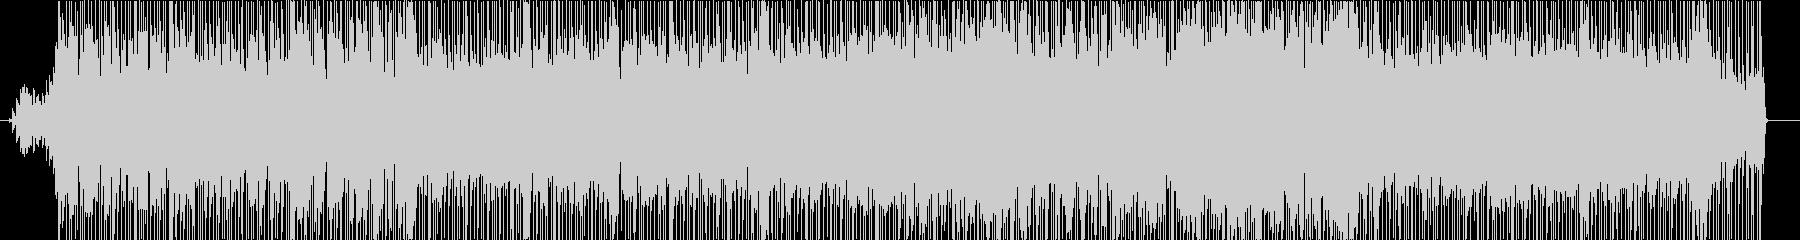 ホタルの未再生の波形